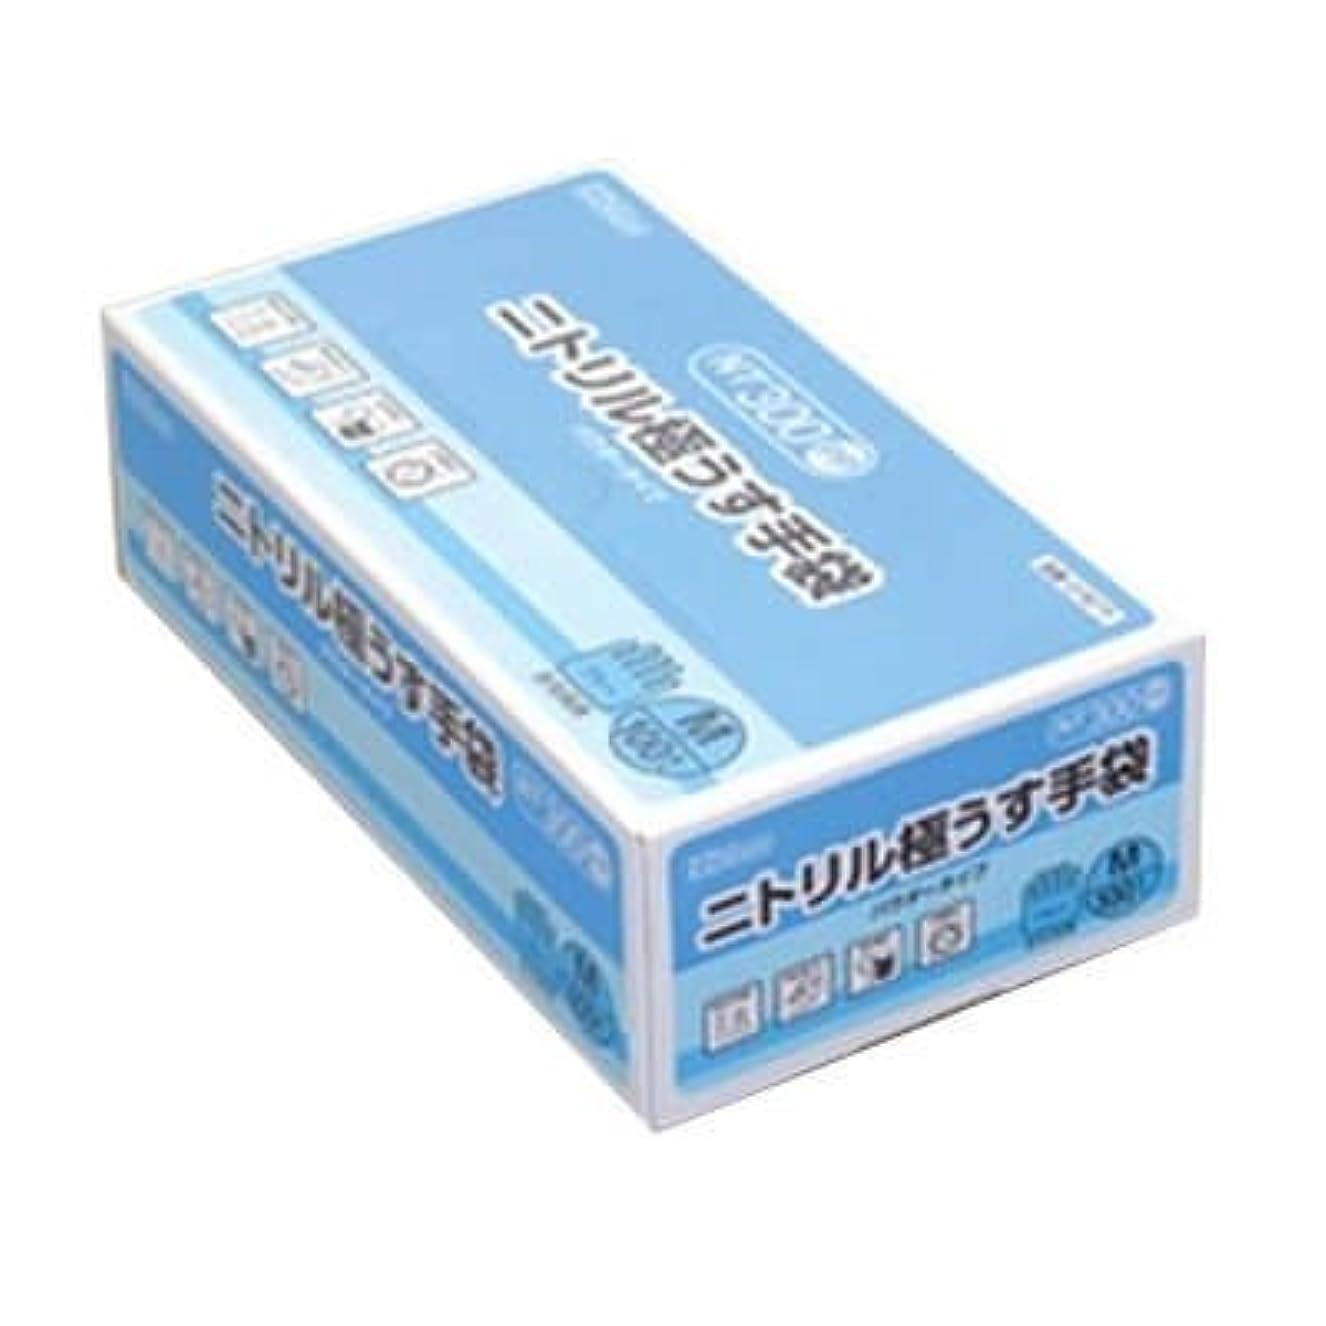 一こどもの宮殿枕【ケース販売】 ダンロップ ニトリル極うす手袋 粉付 M ブルー NT-300 (100枚入×20箱)